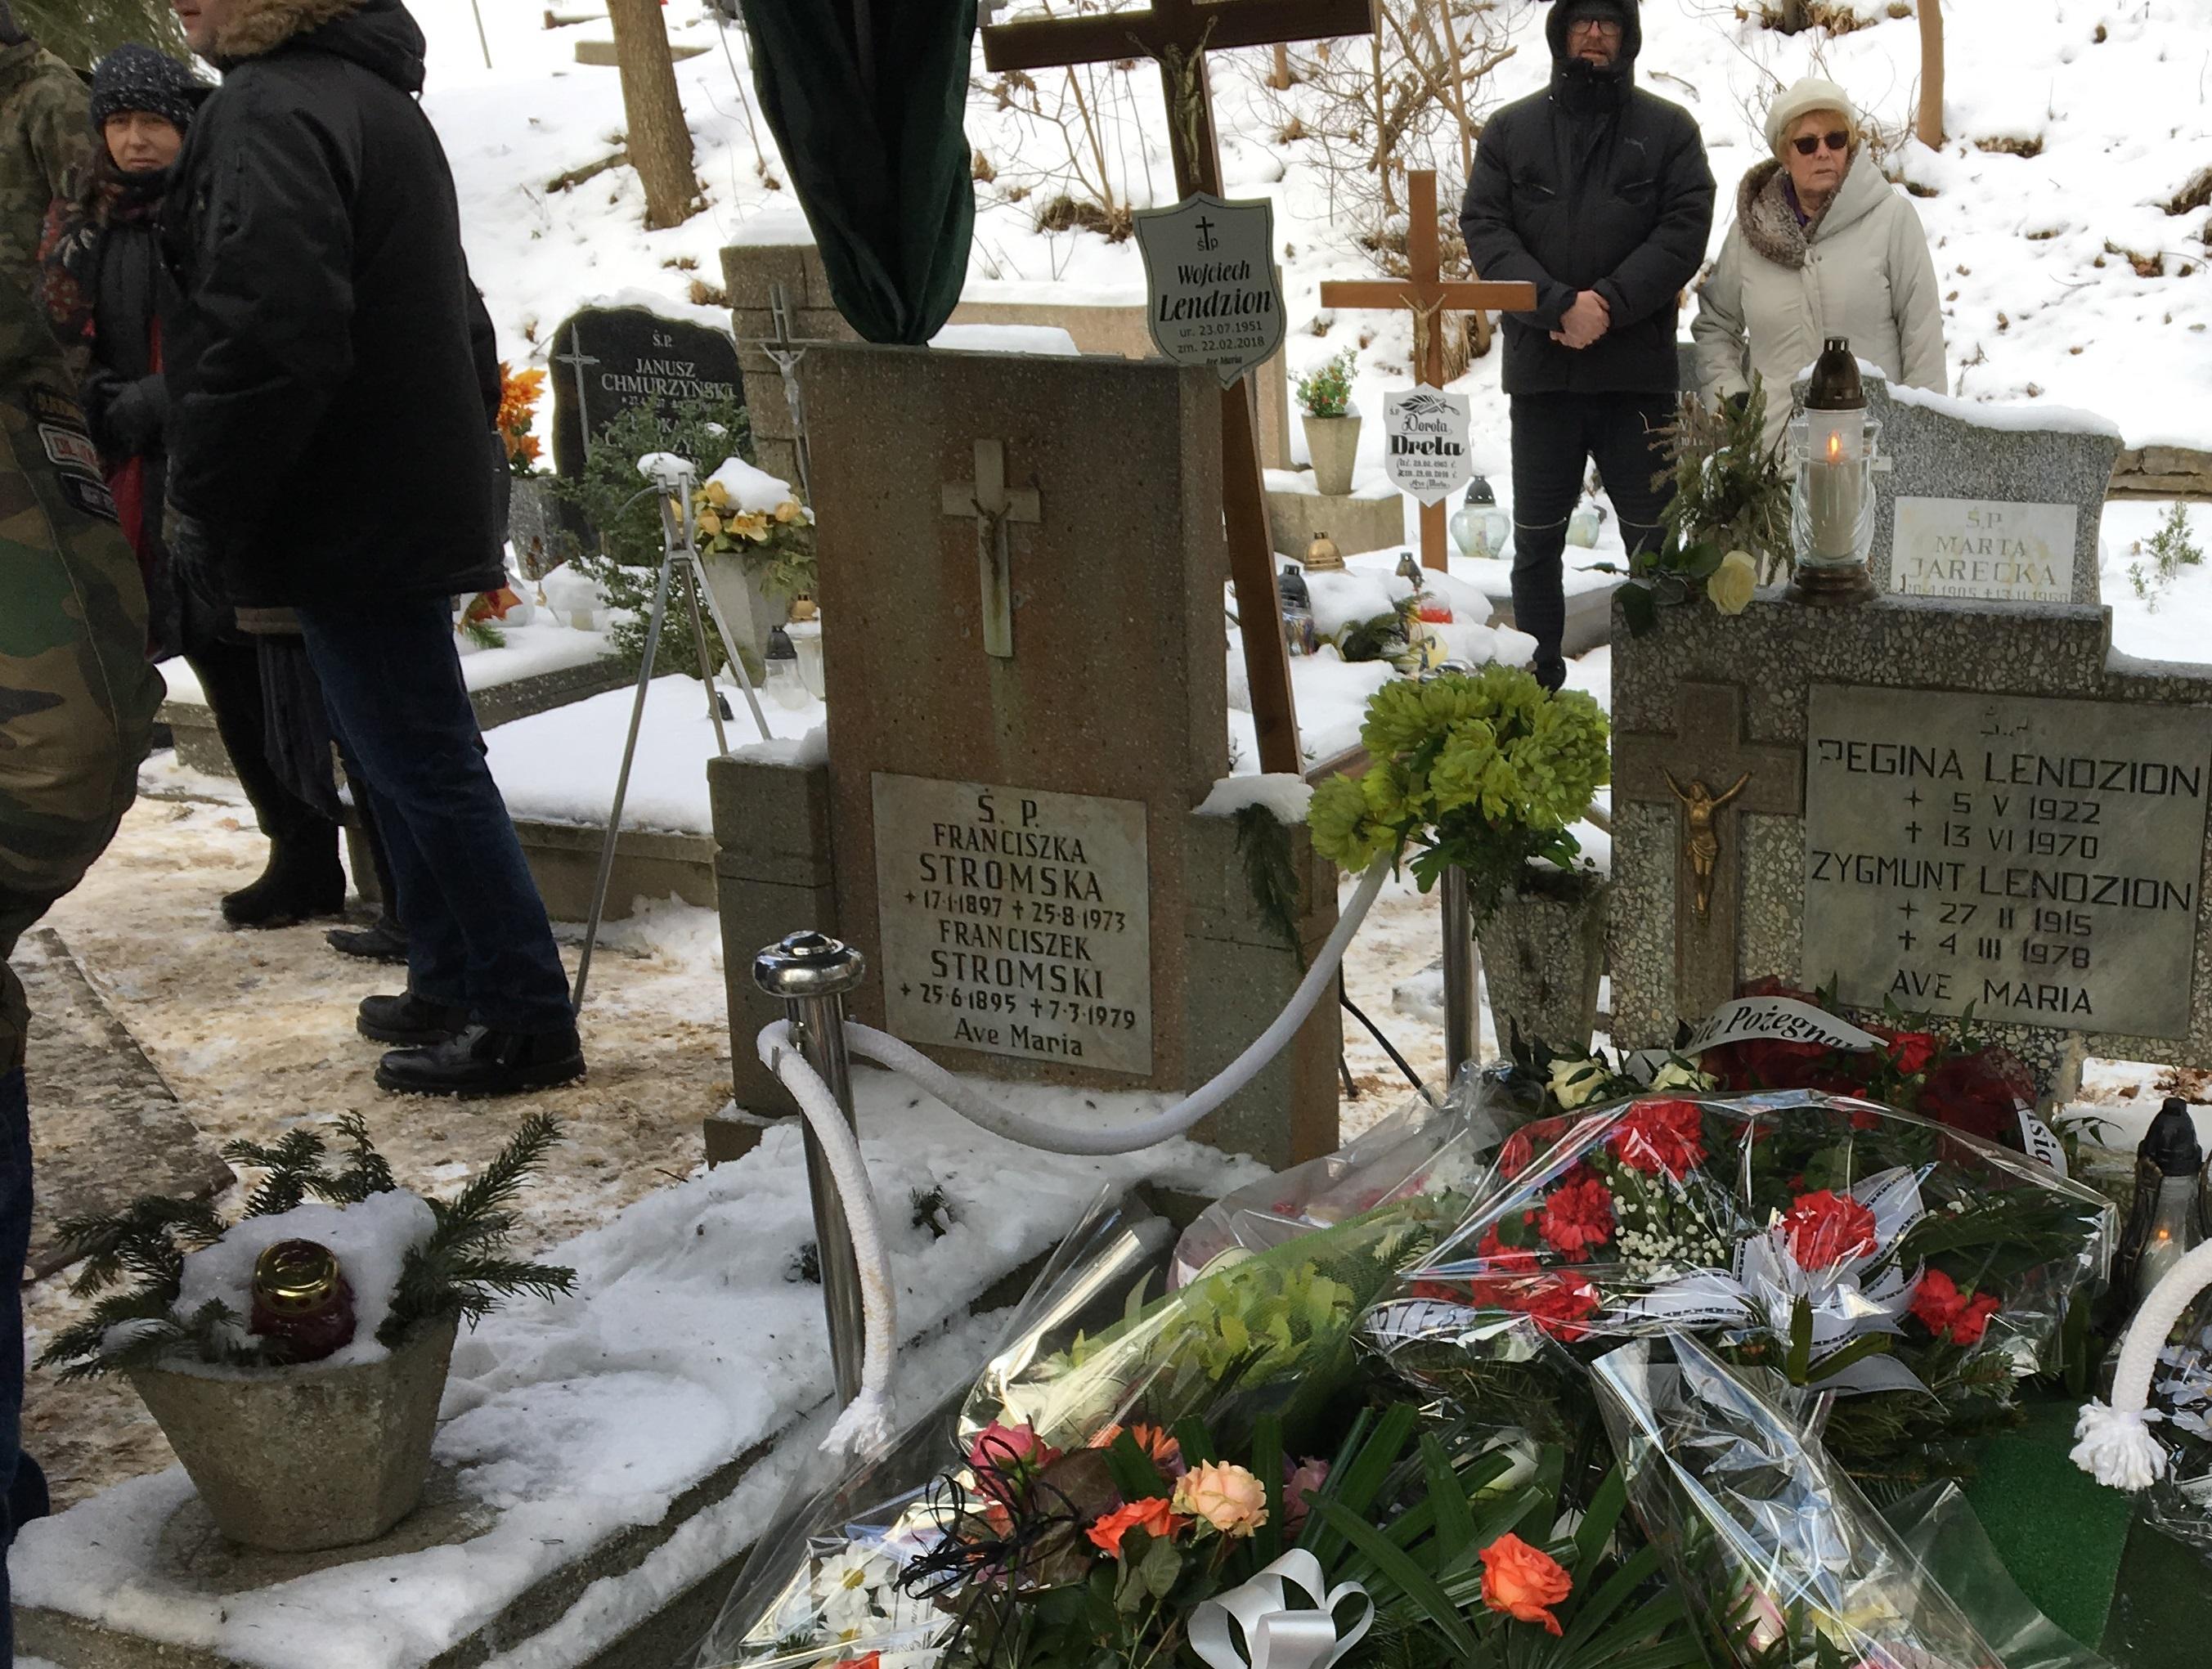 Pogrzeb Wojtka Lendziona Fot_J_Wikowski a IMG_1931[1]